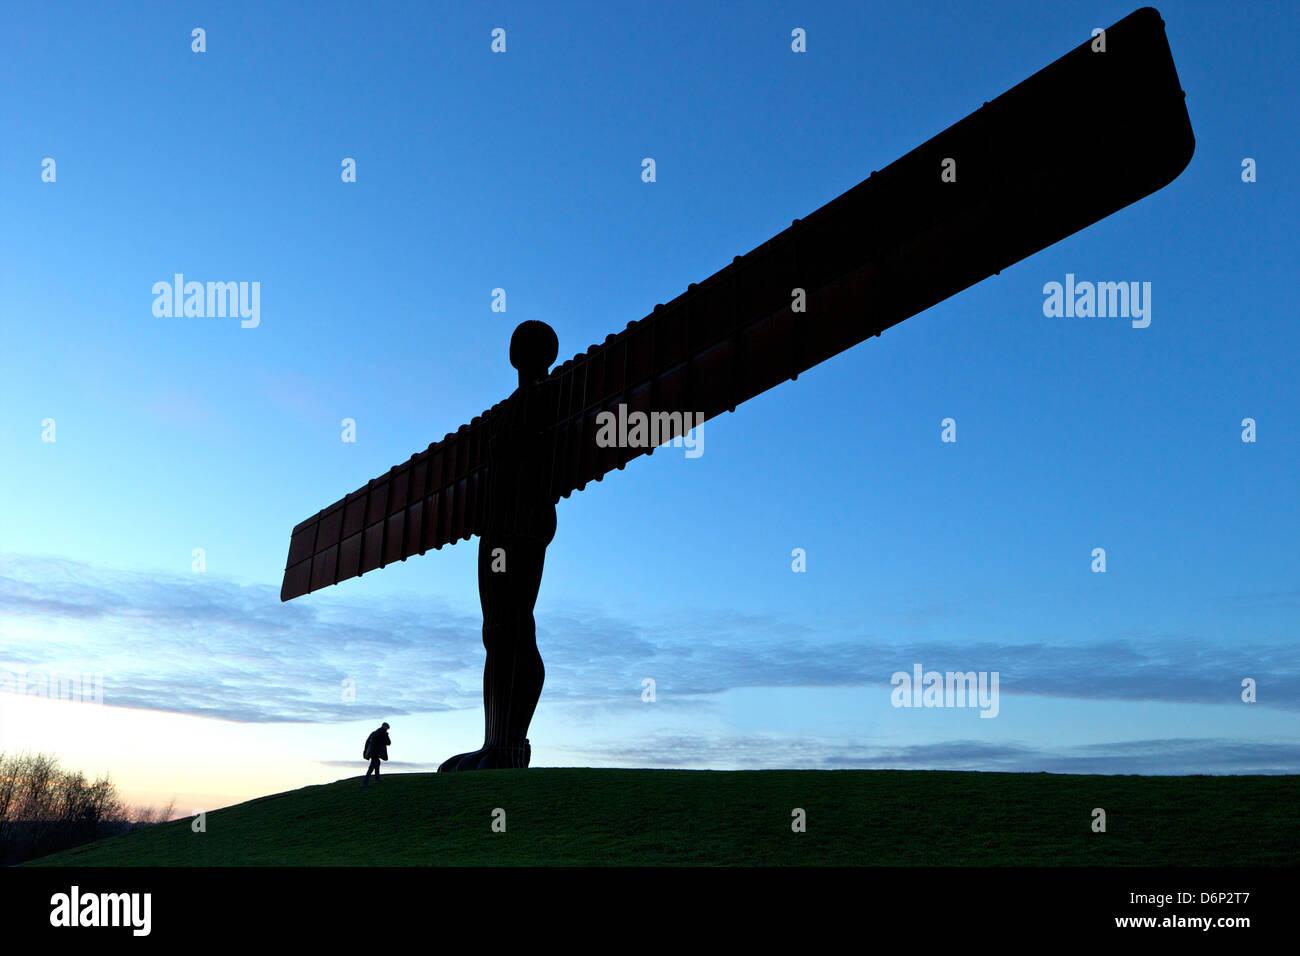 Ange du Nord par Antony Gormley, construit 1998, Gateshead, Tyne et Wear, Angleterre, Royaume-Uni, Europe Photo Stock